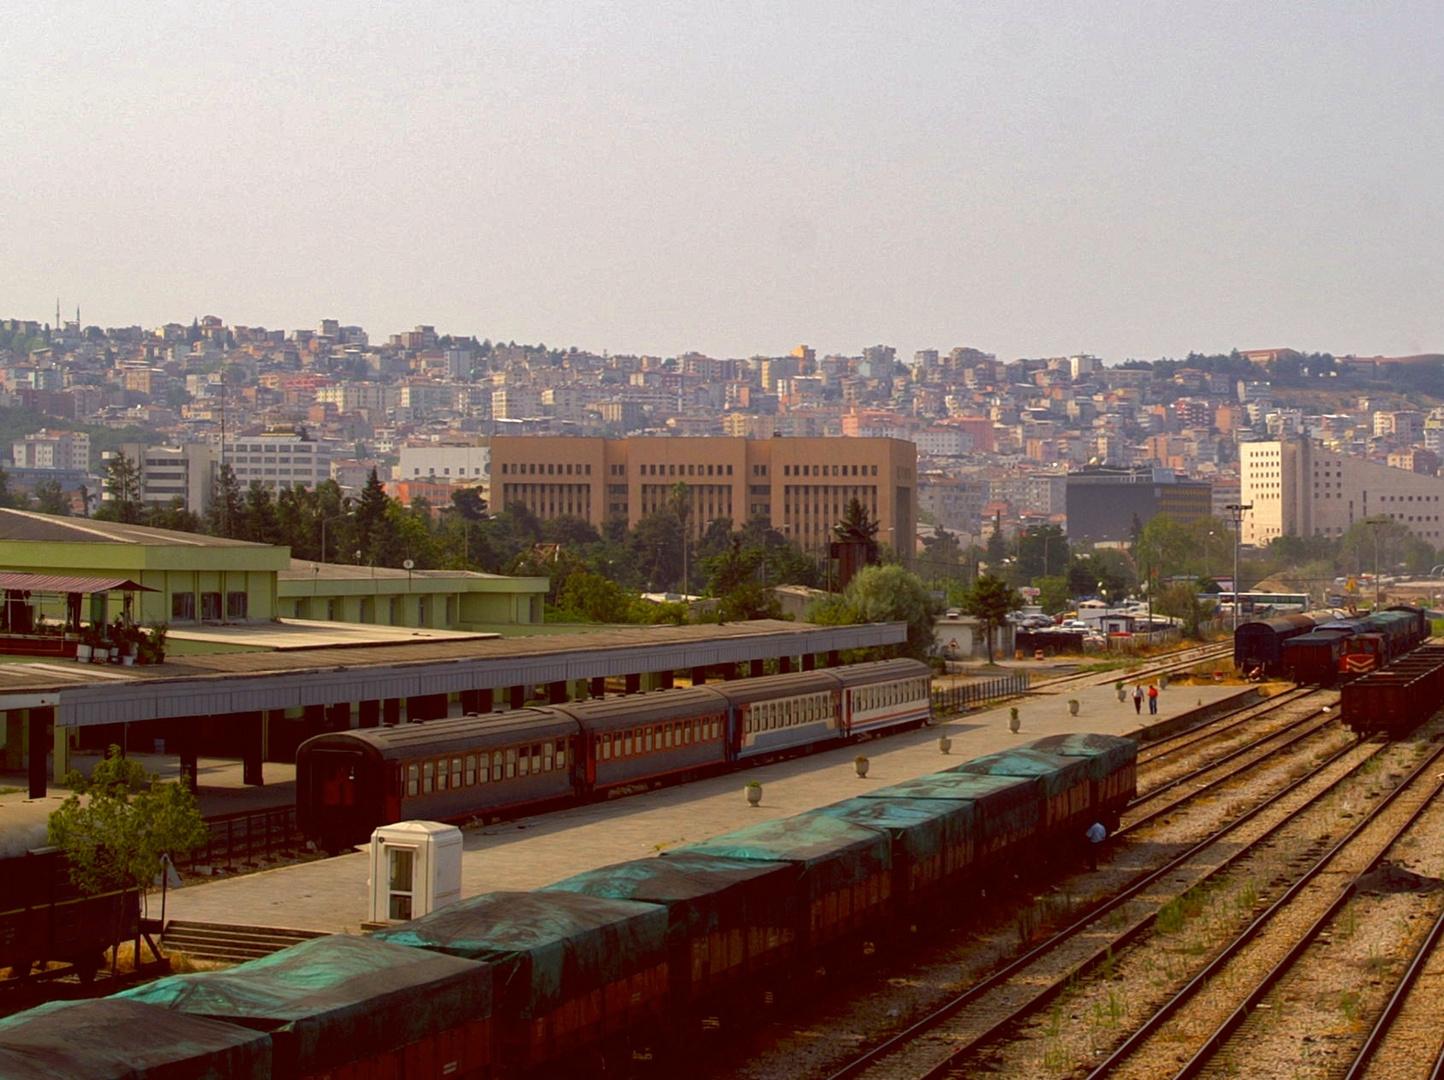 Bahnhof und Stadt Samsun am Schwarzen Meer